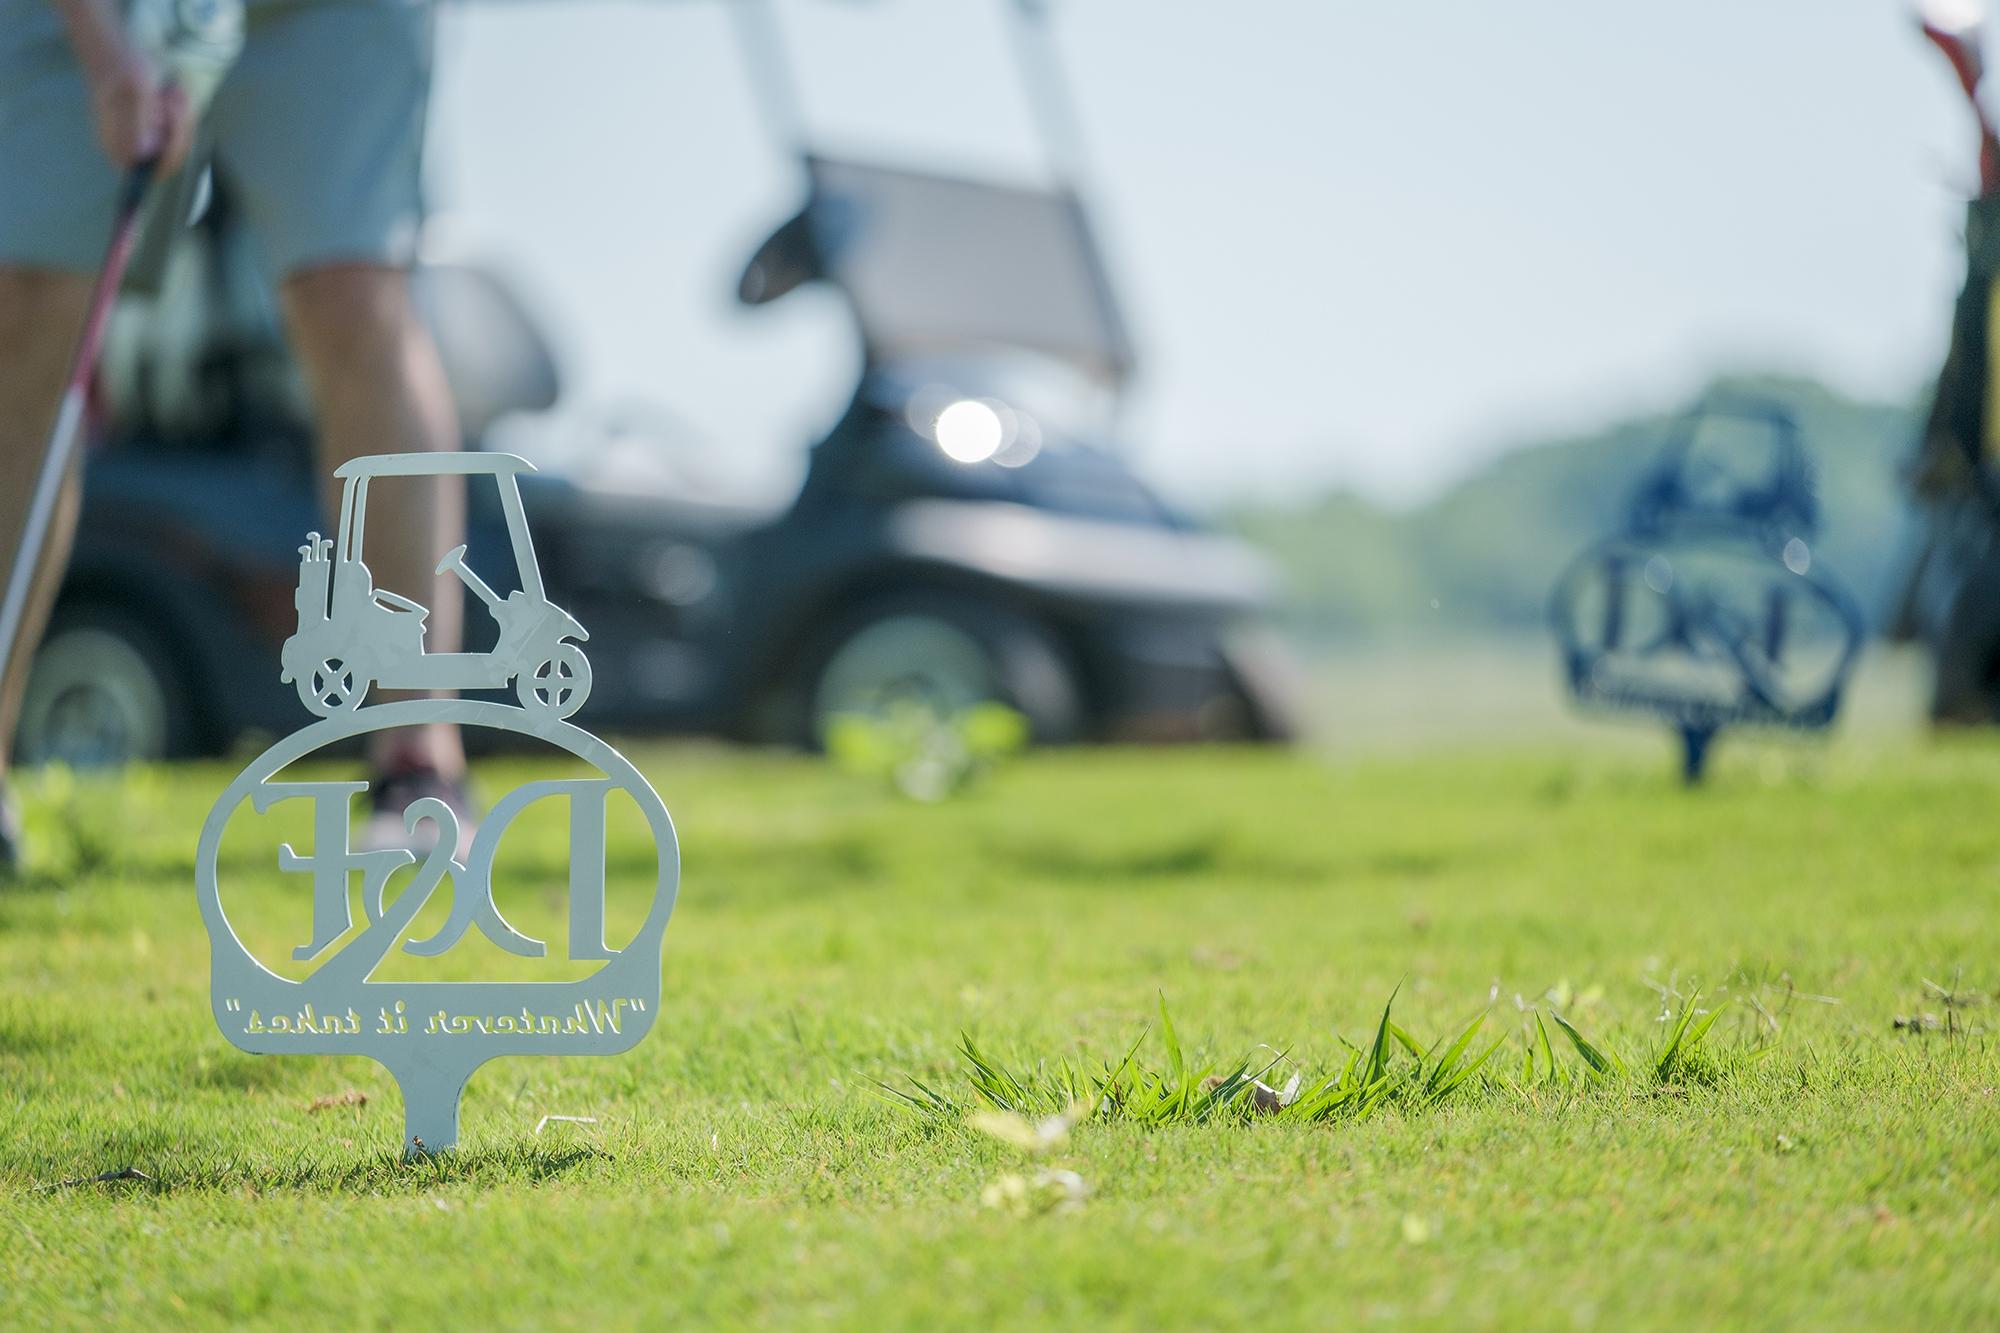 D&F Golf 0251.jpg